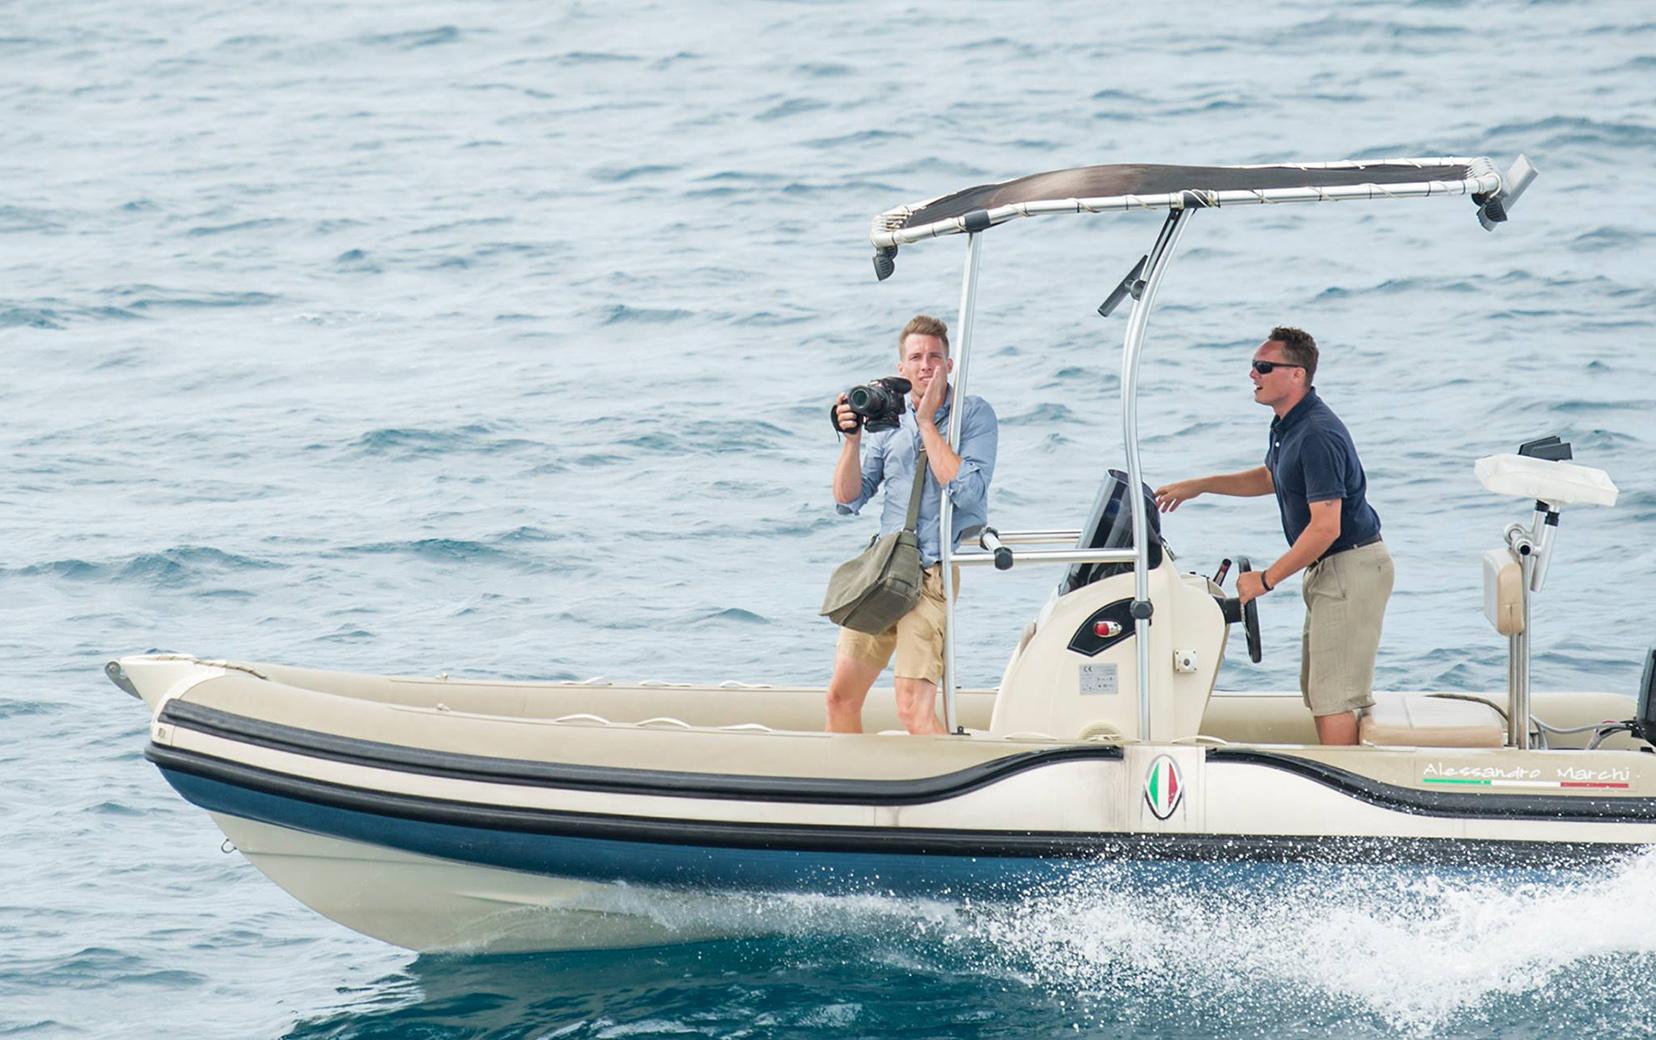 Me in Rib Boat - ASR 72dpi.jpg